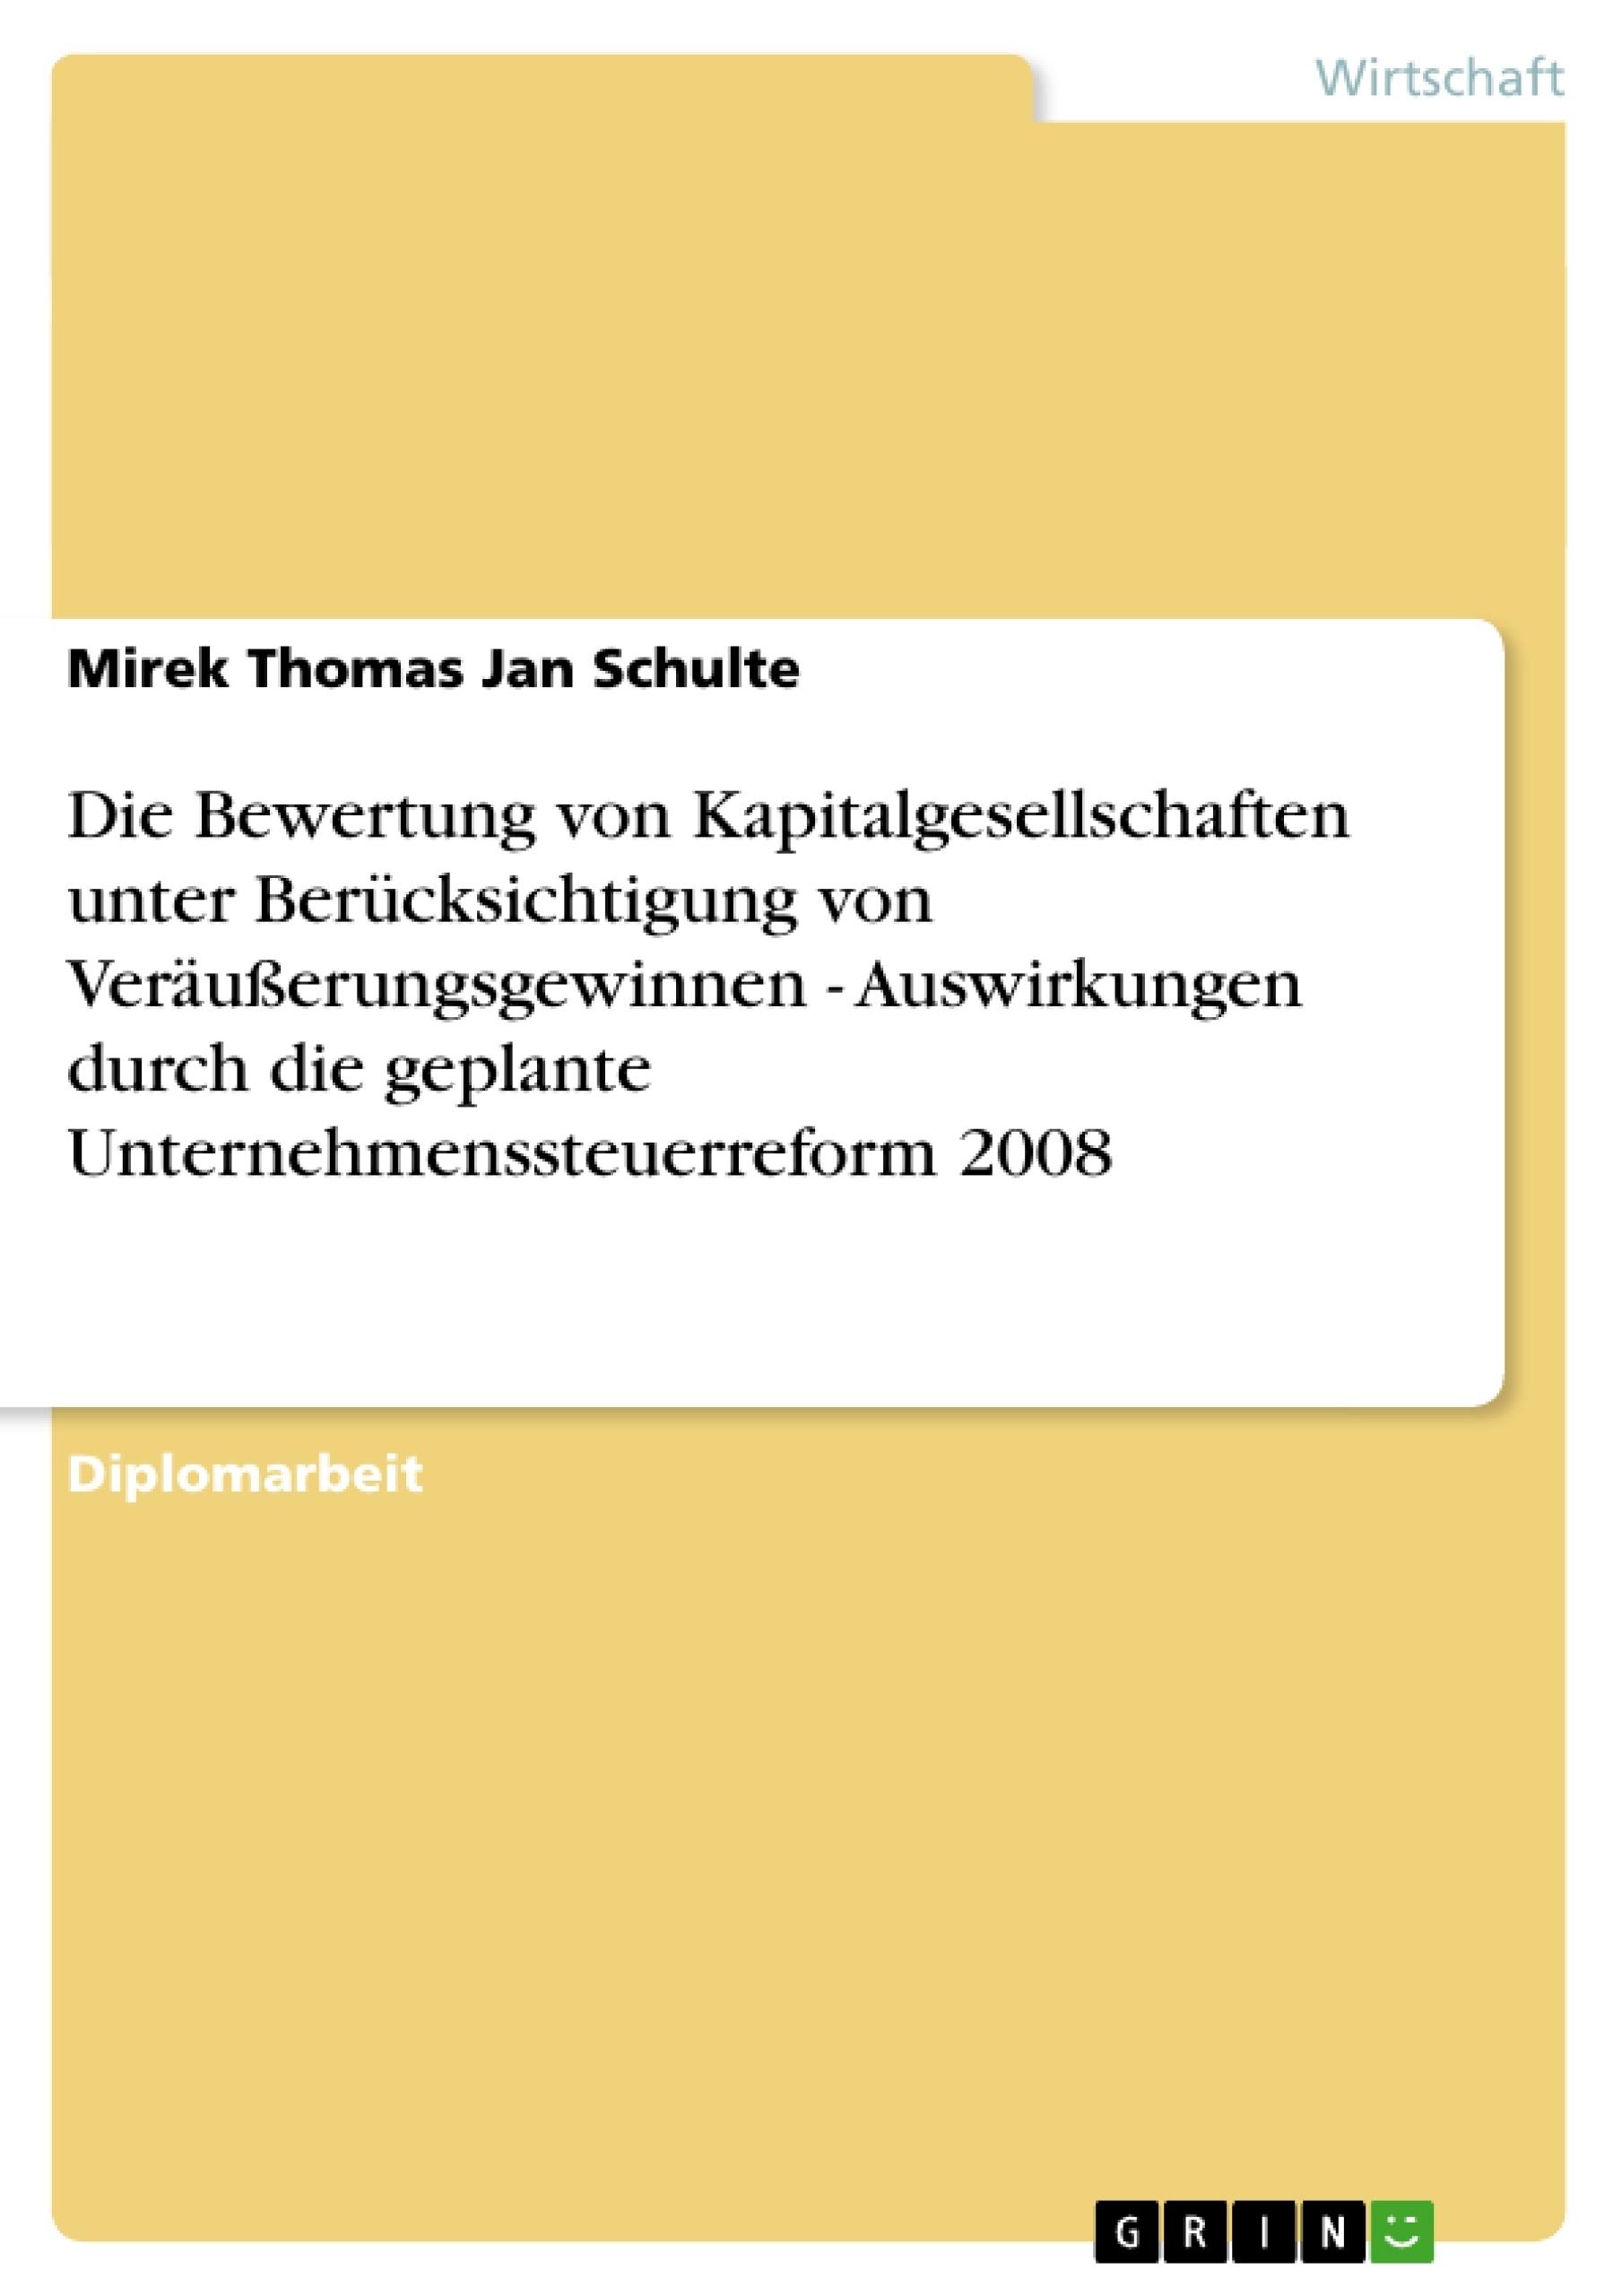 Titel: Die Bewertung von Kapitalgesellschaften unter Berücksichtigung von Veräußerungsgewinnen - Auswirkungen durch die geplante Unternehmenssteuerreform 2008